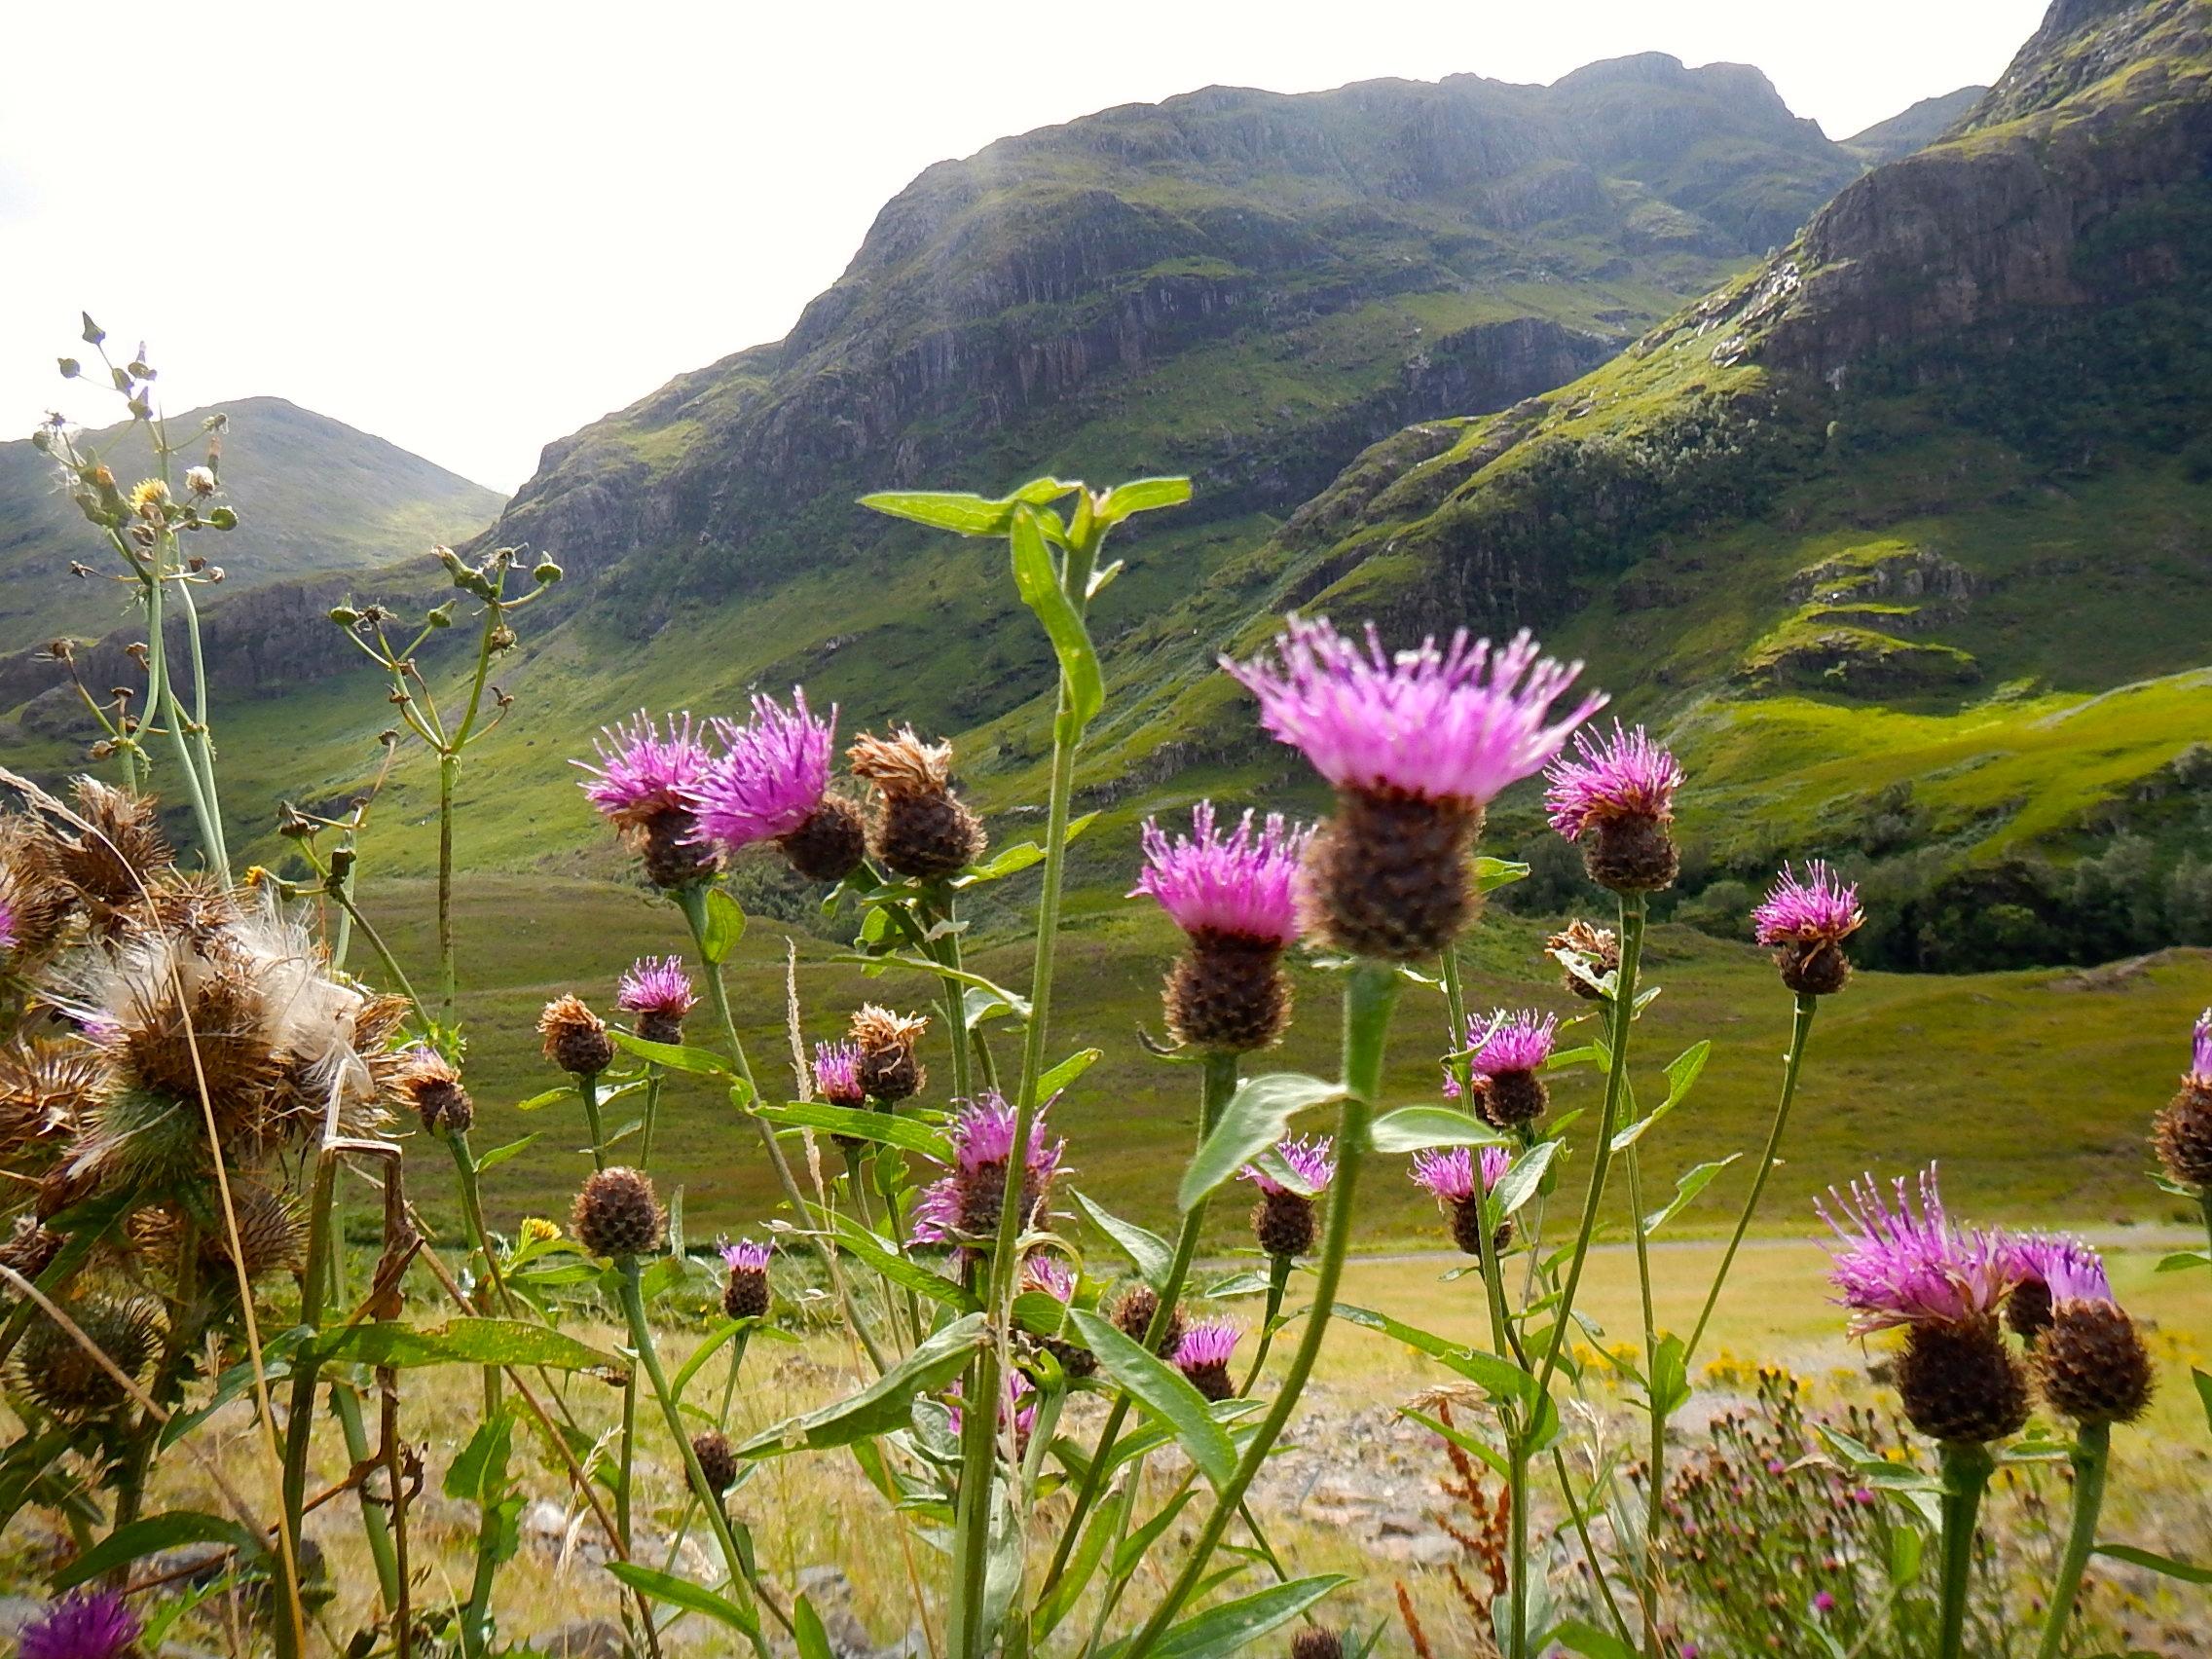 Thistle in bloom in Glencoe, Scotland.